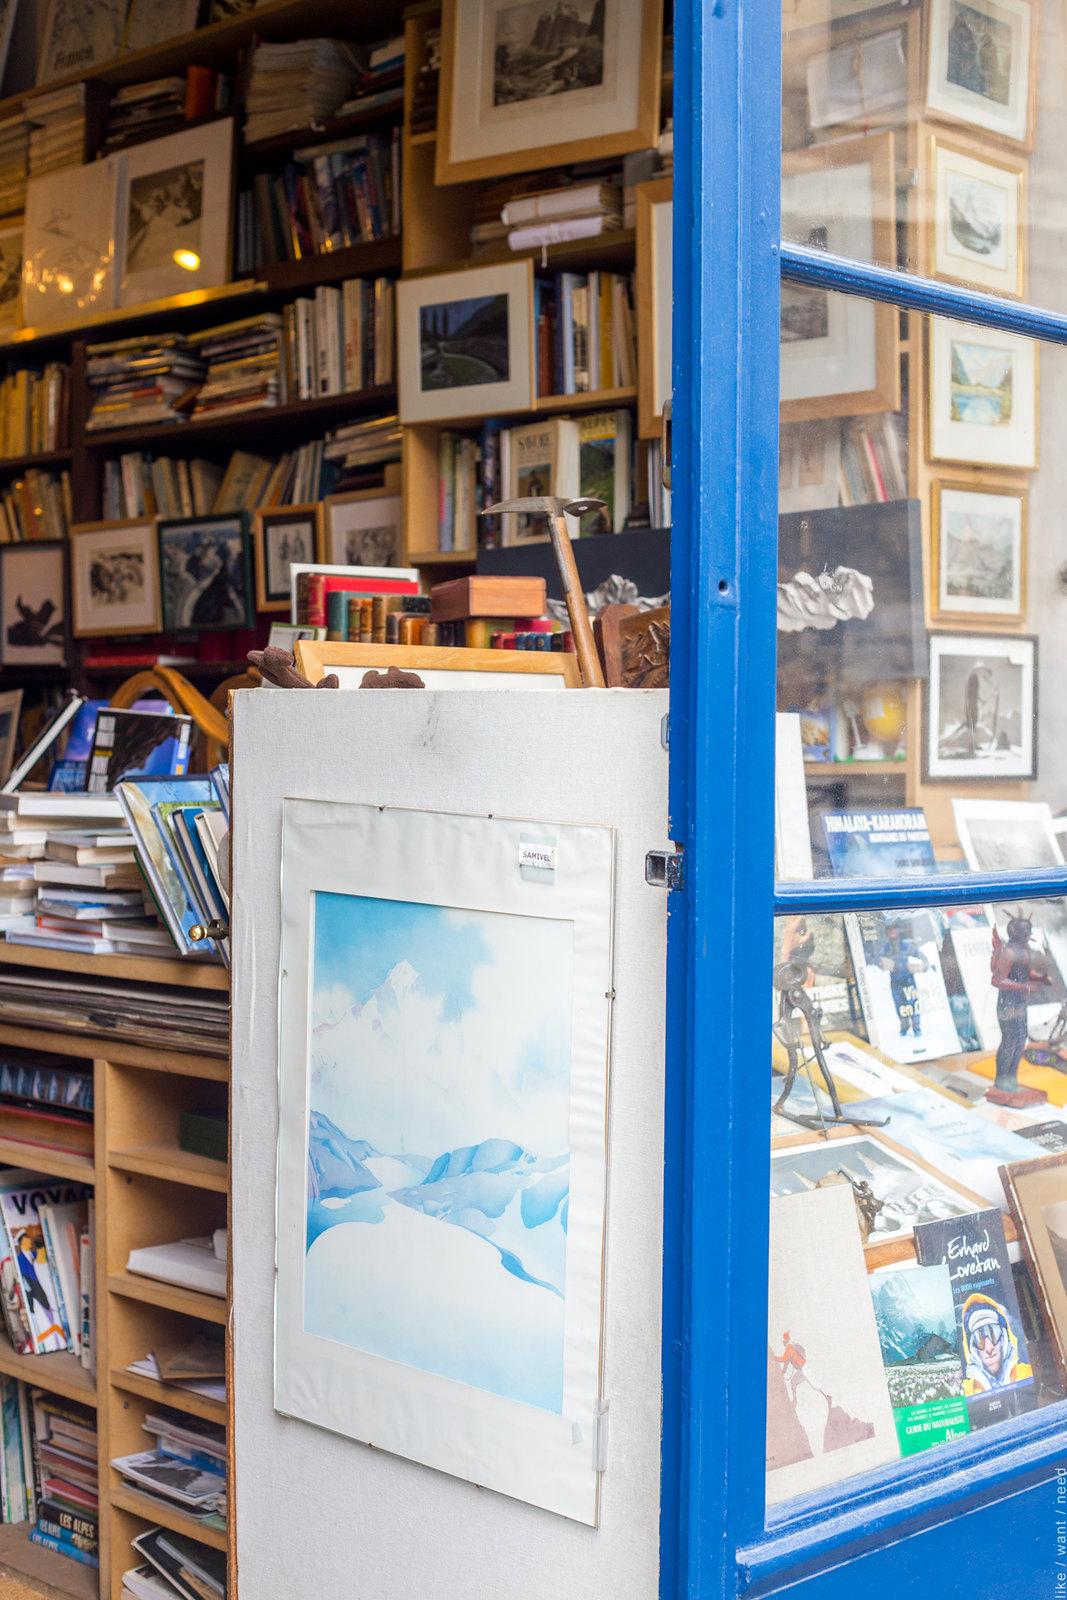 Librarie des Alpes